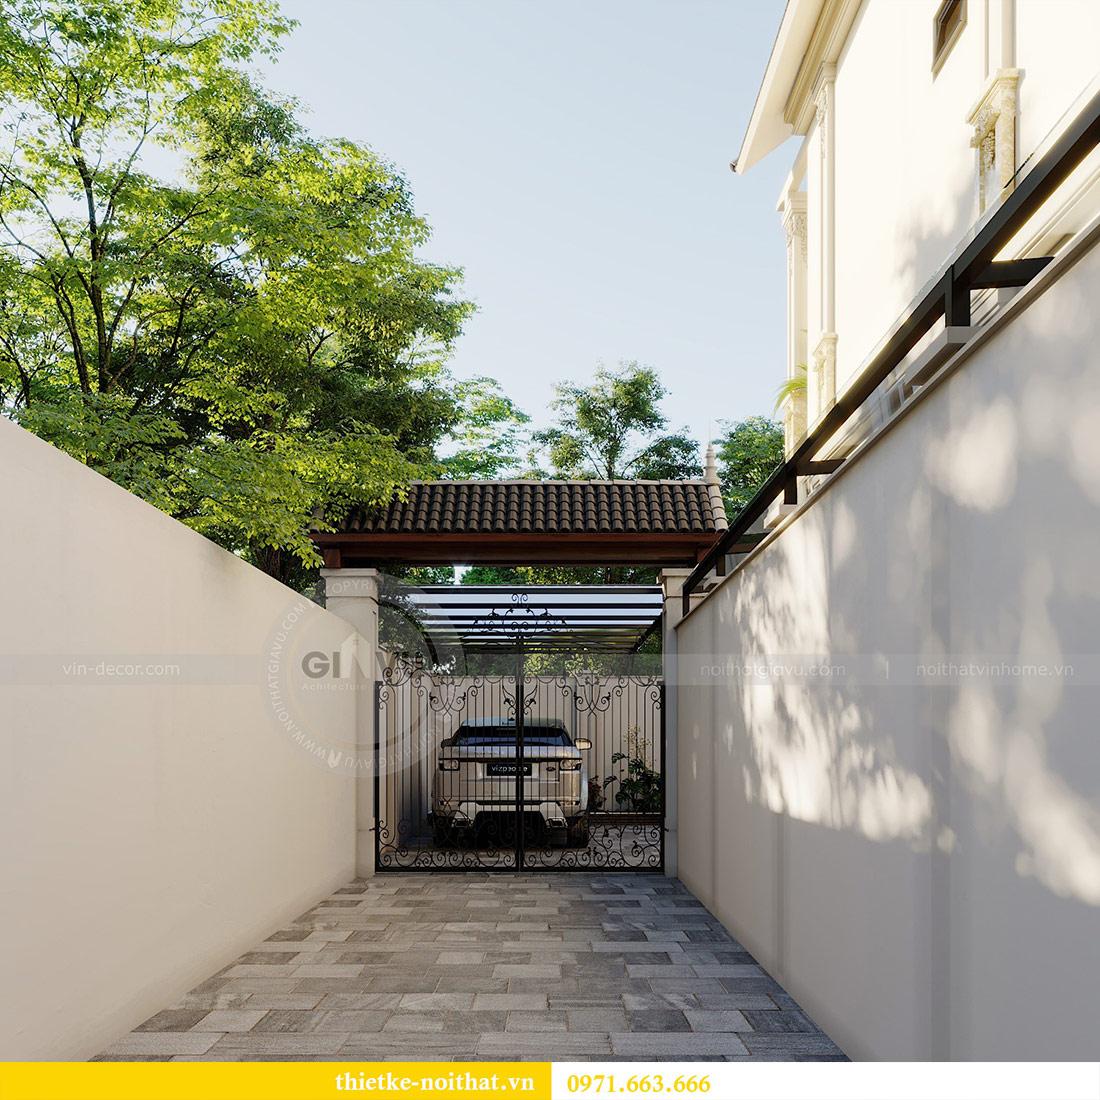 Thiết kế kiến trúc biệt thự An Dương Tây Hồ nhà chú Đức 5